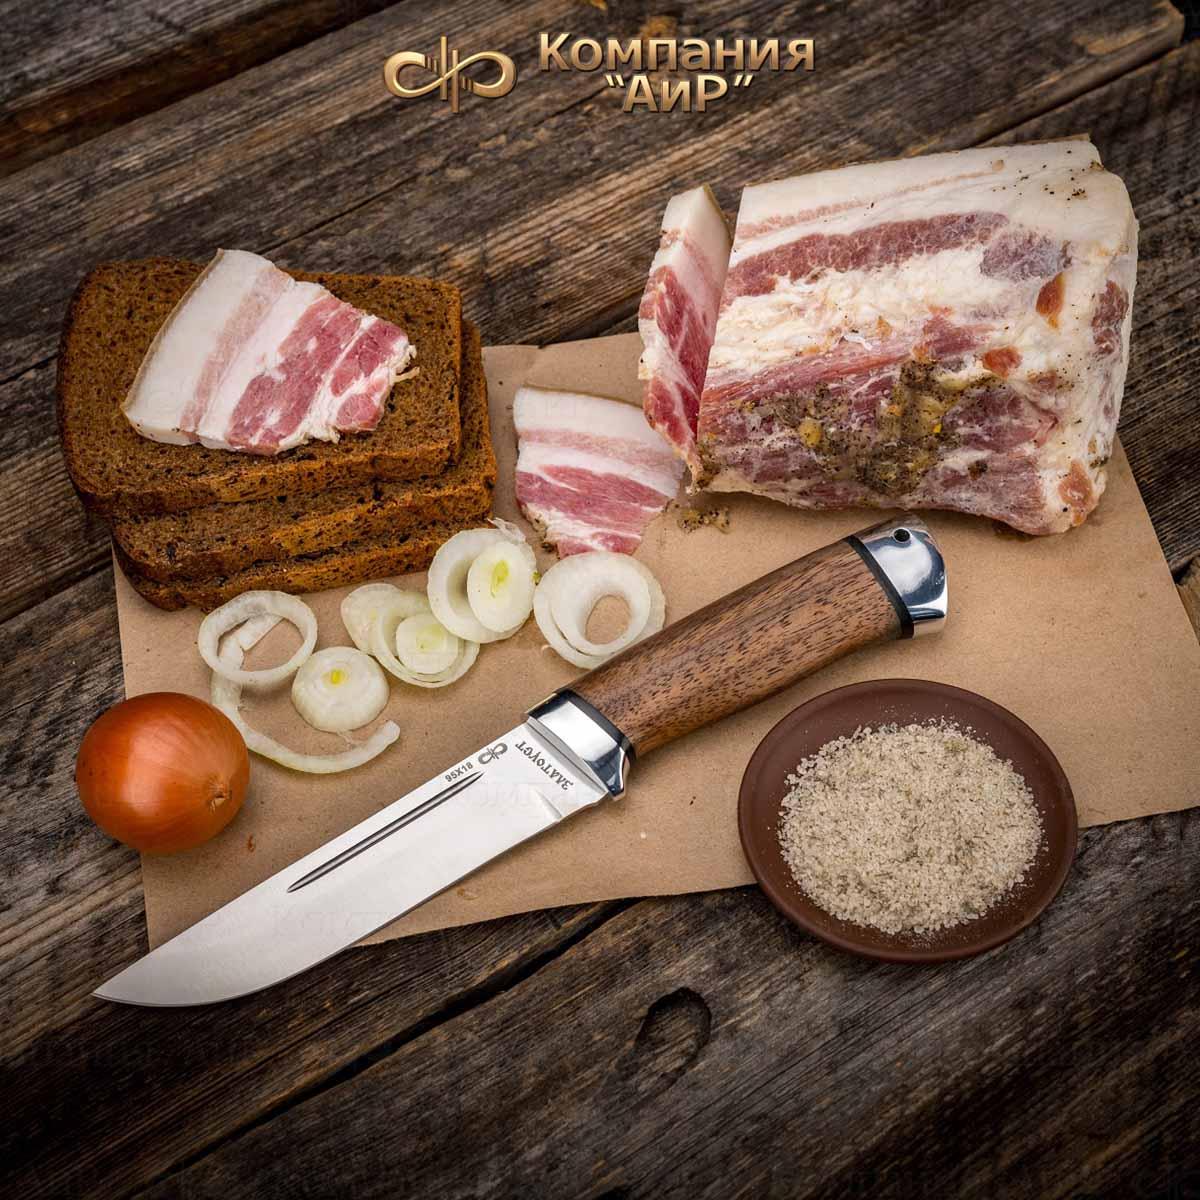 Нож Бекас - совершенный инструмент для нарезки продуктов